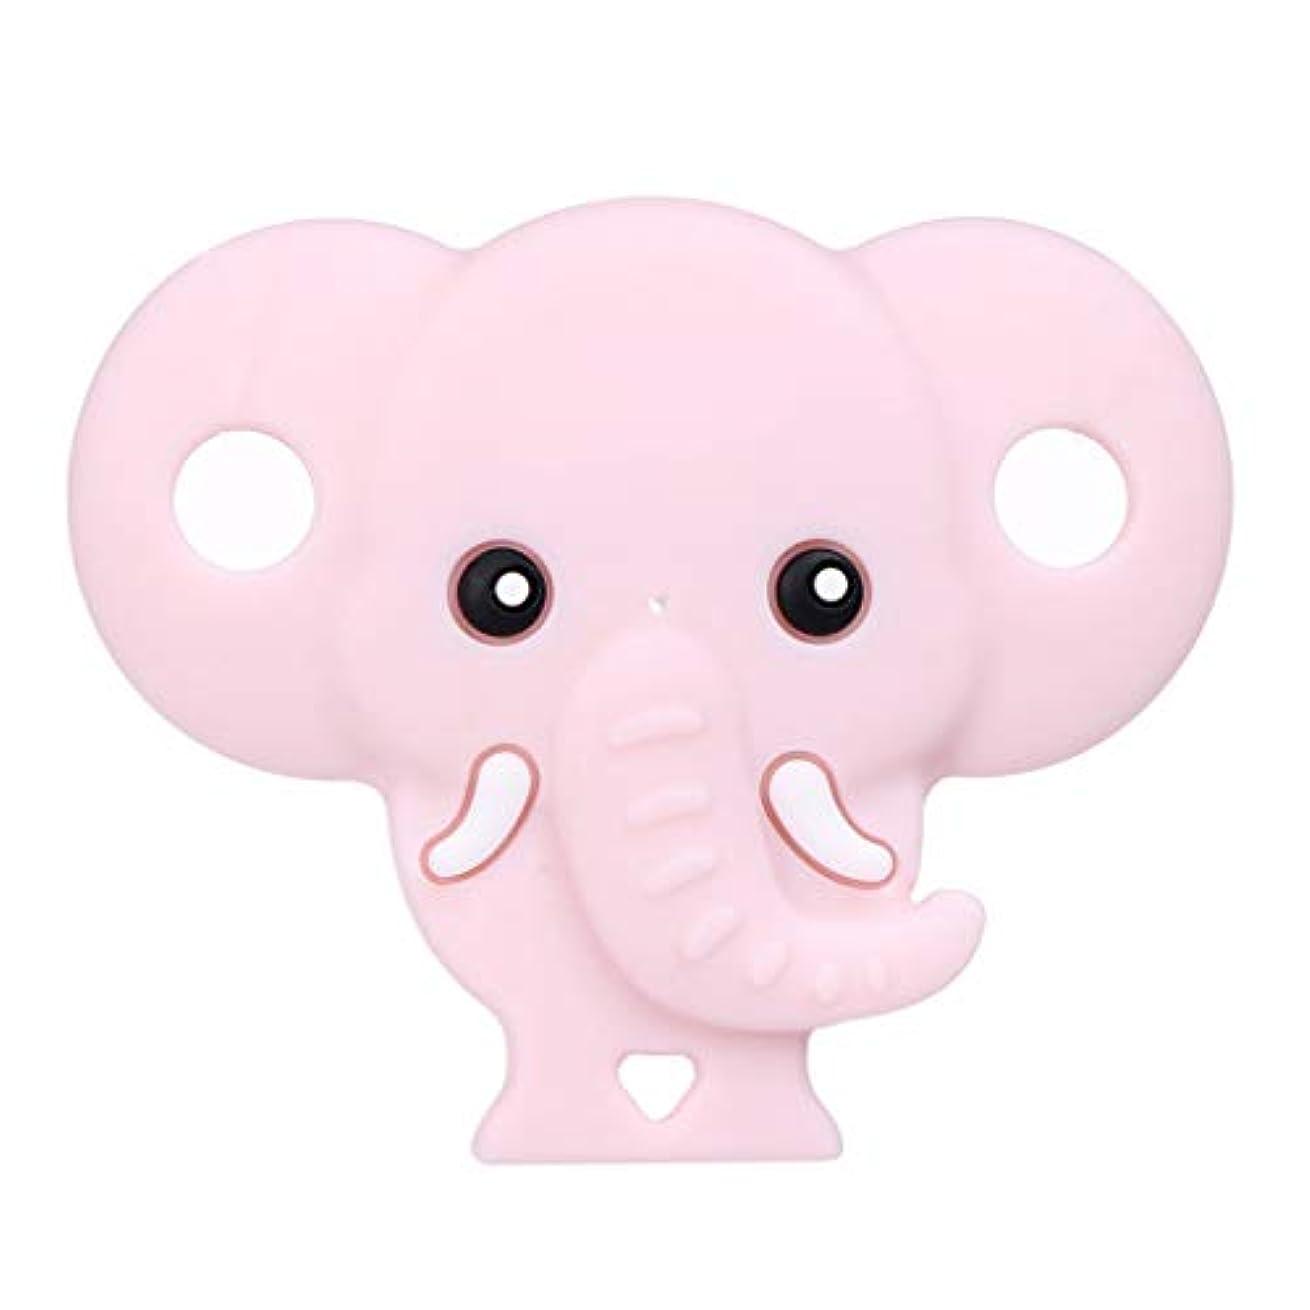 プリーツリンク磁気Landdumシリコーンおしゃぶり象のおしゃぶり赤ちゃん看護玩具かむ玩具歯が生えるガラガラおもちゃ - ピンク